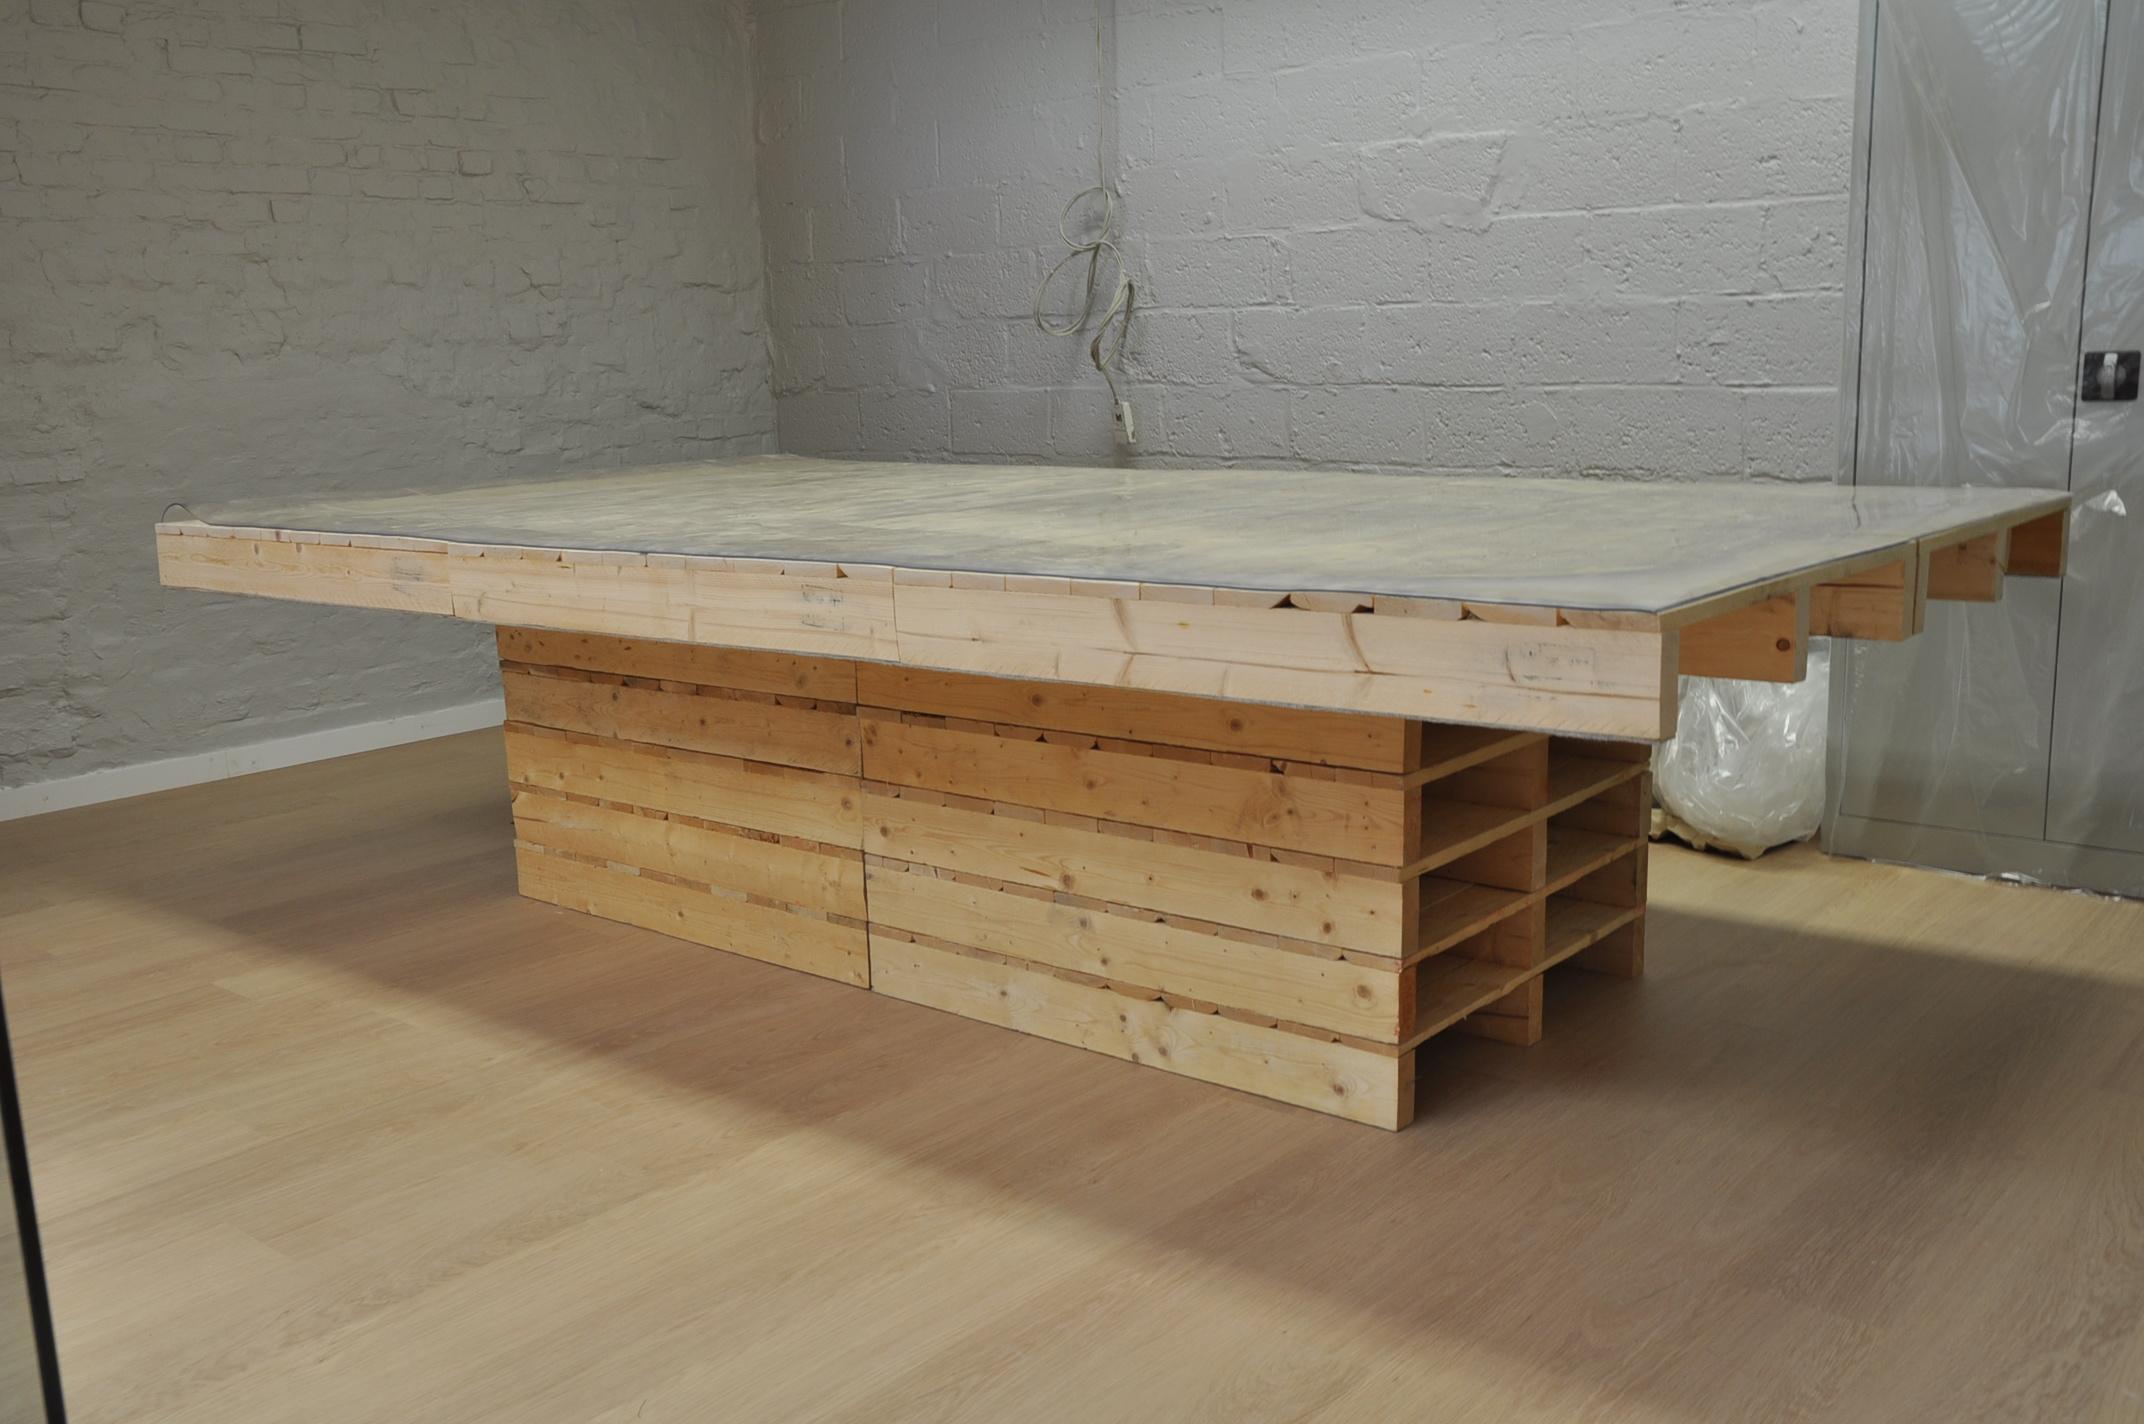 Pallet vergadertafel - Foto houten pallet ...